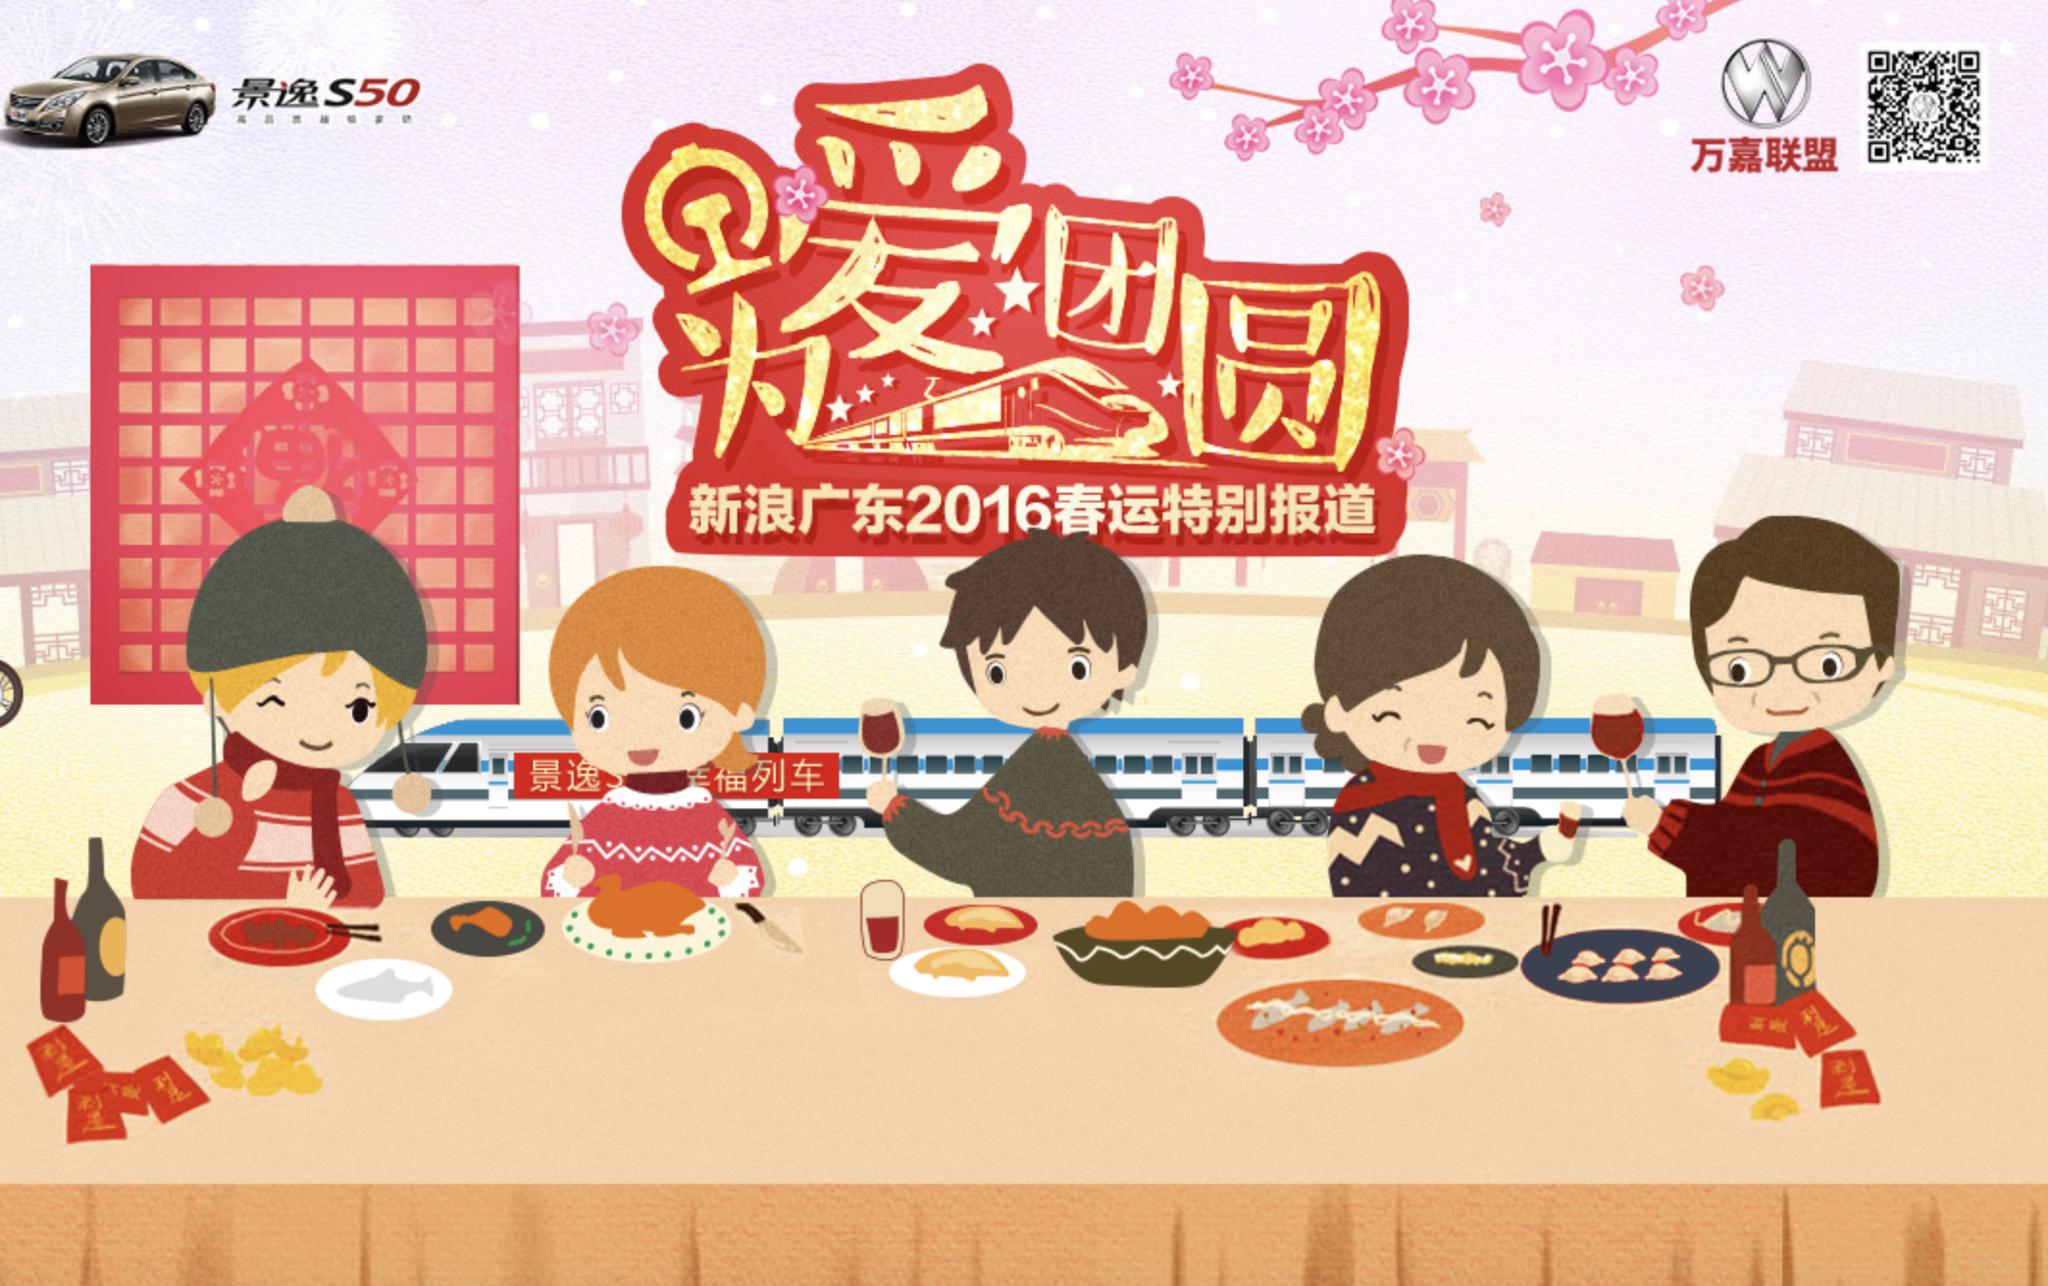 2016广东春运:为爱团圆